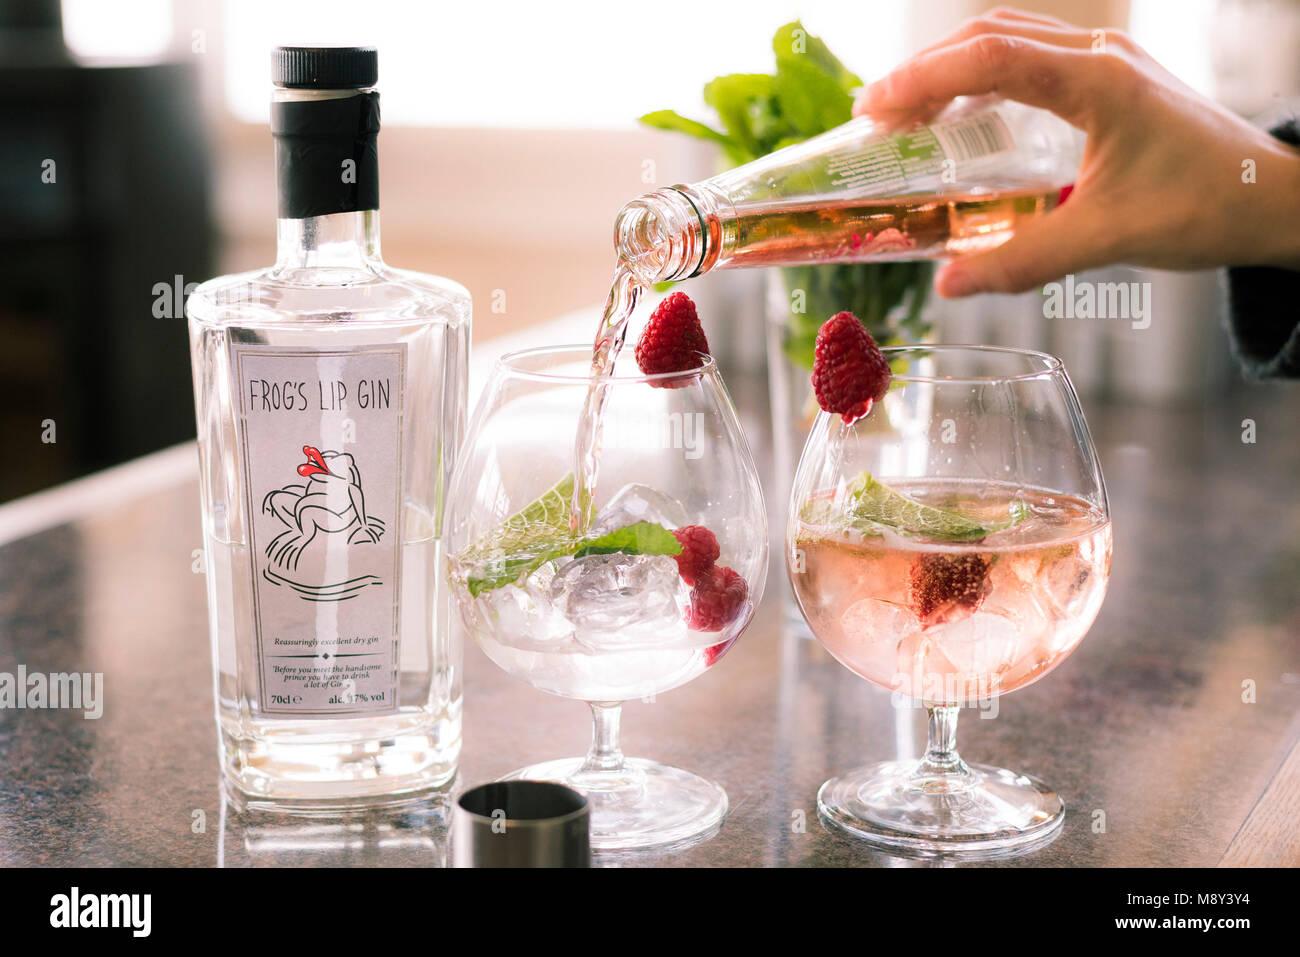 Gin und Tonic Getränke vorbereitet Stockfoto, Bild: 177616744 - Alamy